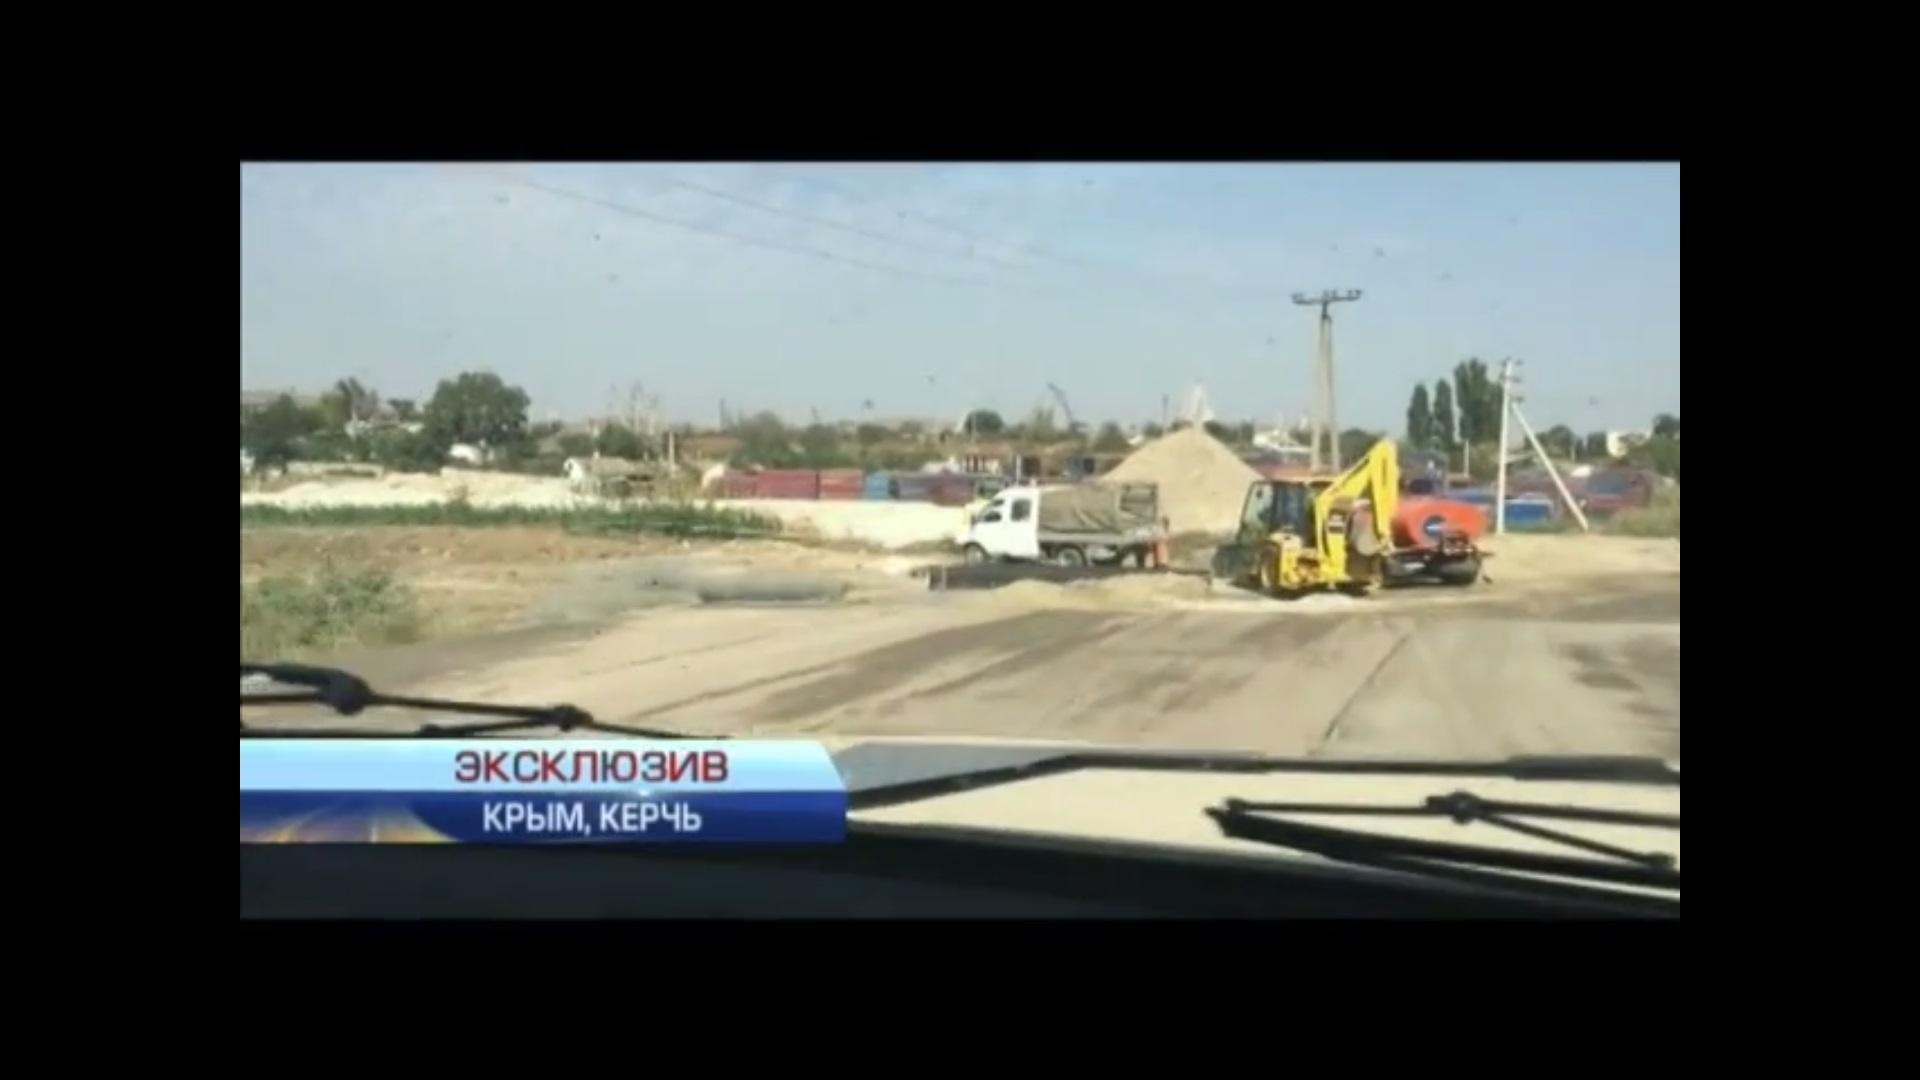 Мосты которые строит Россия из Крыма регулярно разрушают штормы (ВИДЕО)